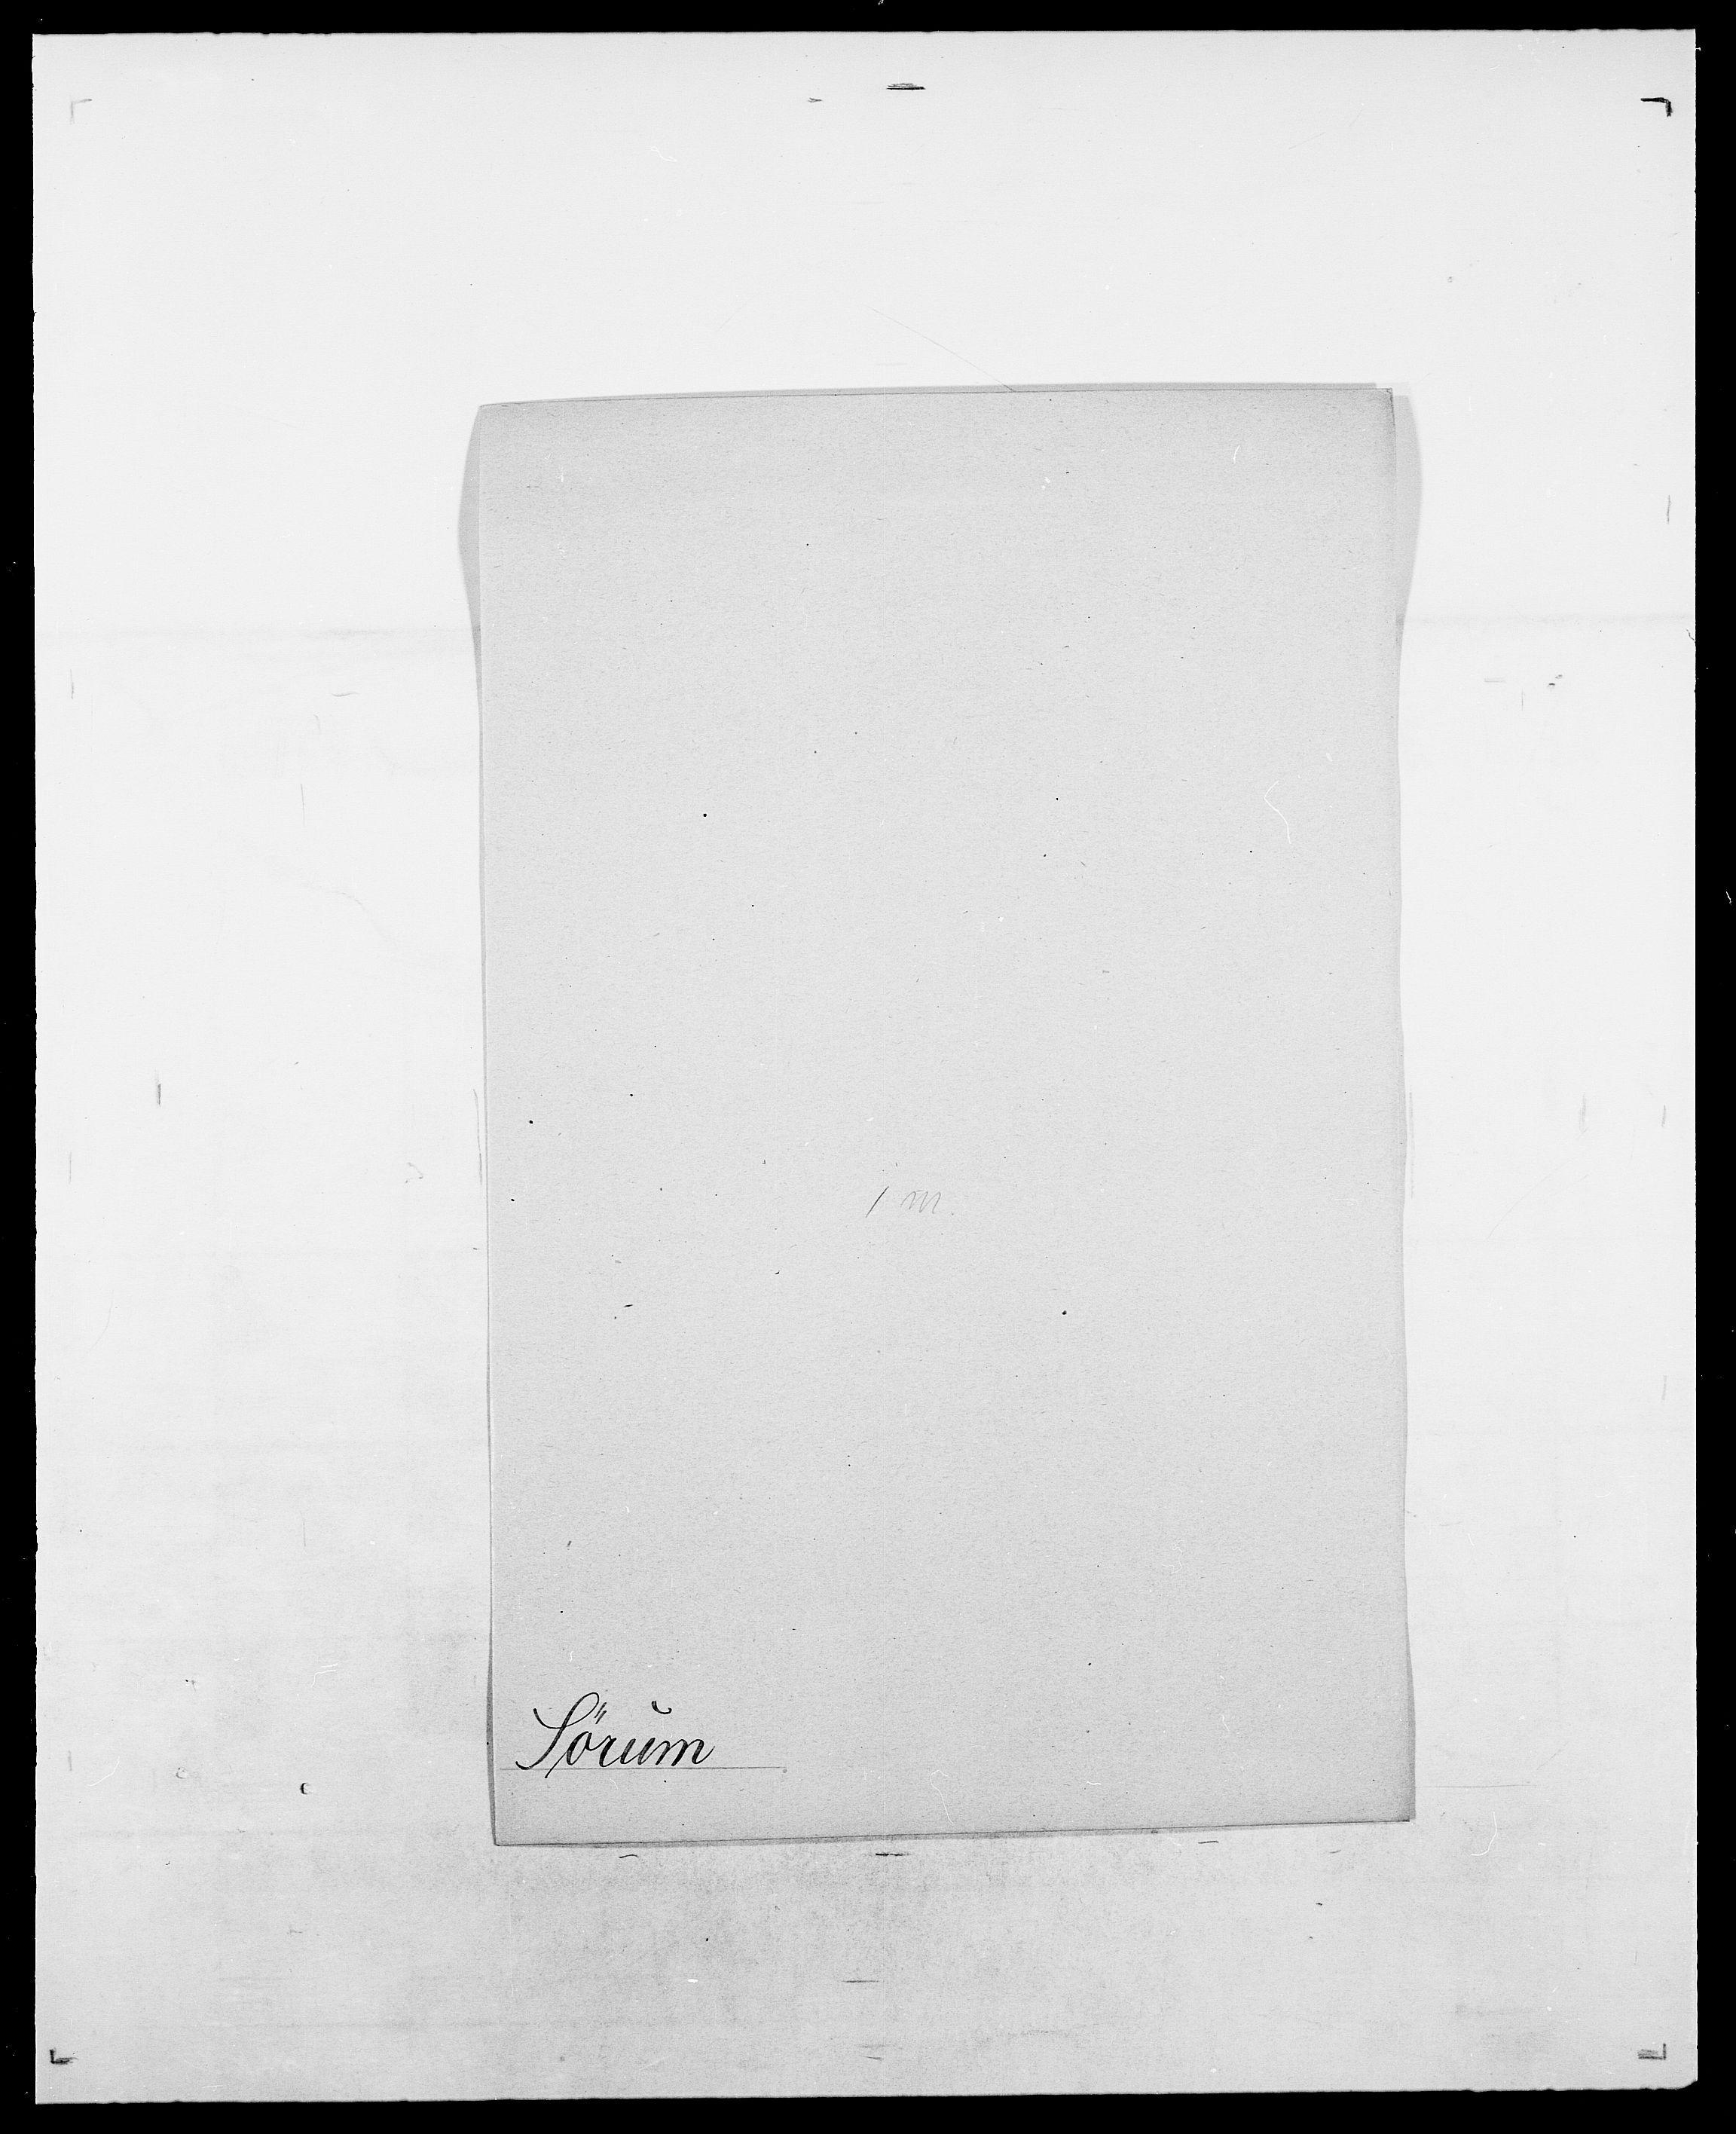 SAO, Delgobe, Charles Antoine - samling, D/Da/L0038: Svanenskjold - Thornsohn, s. 247